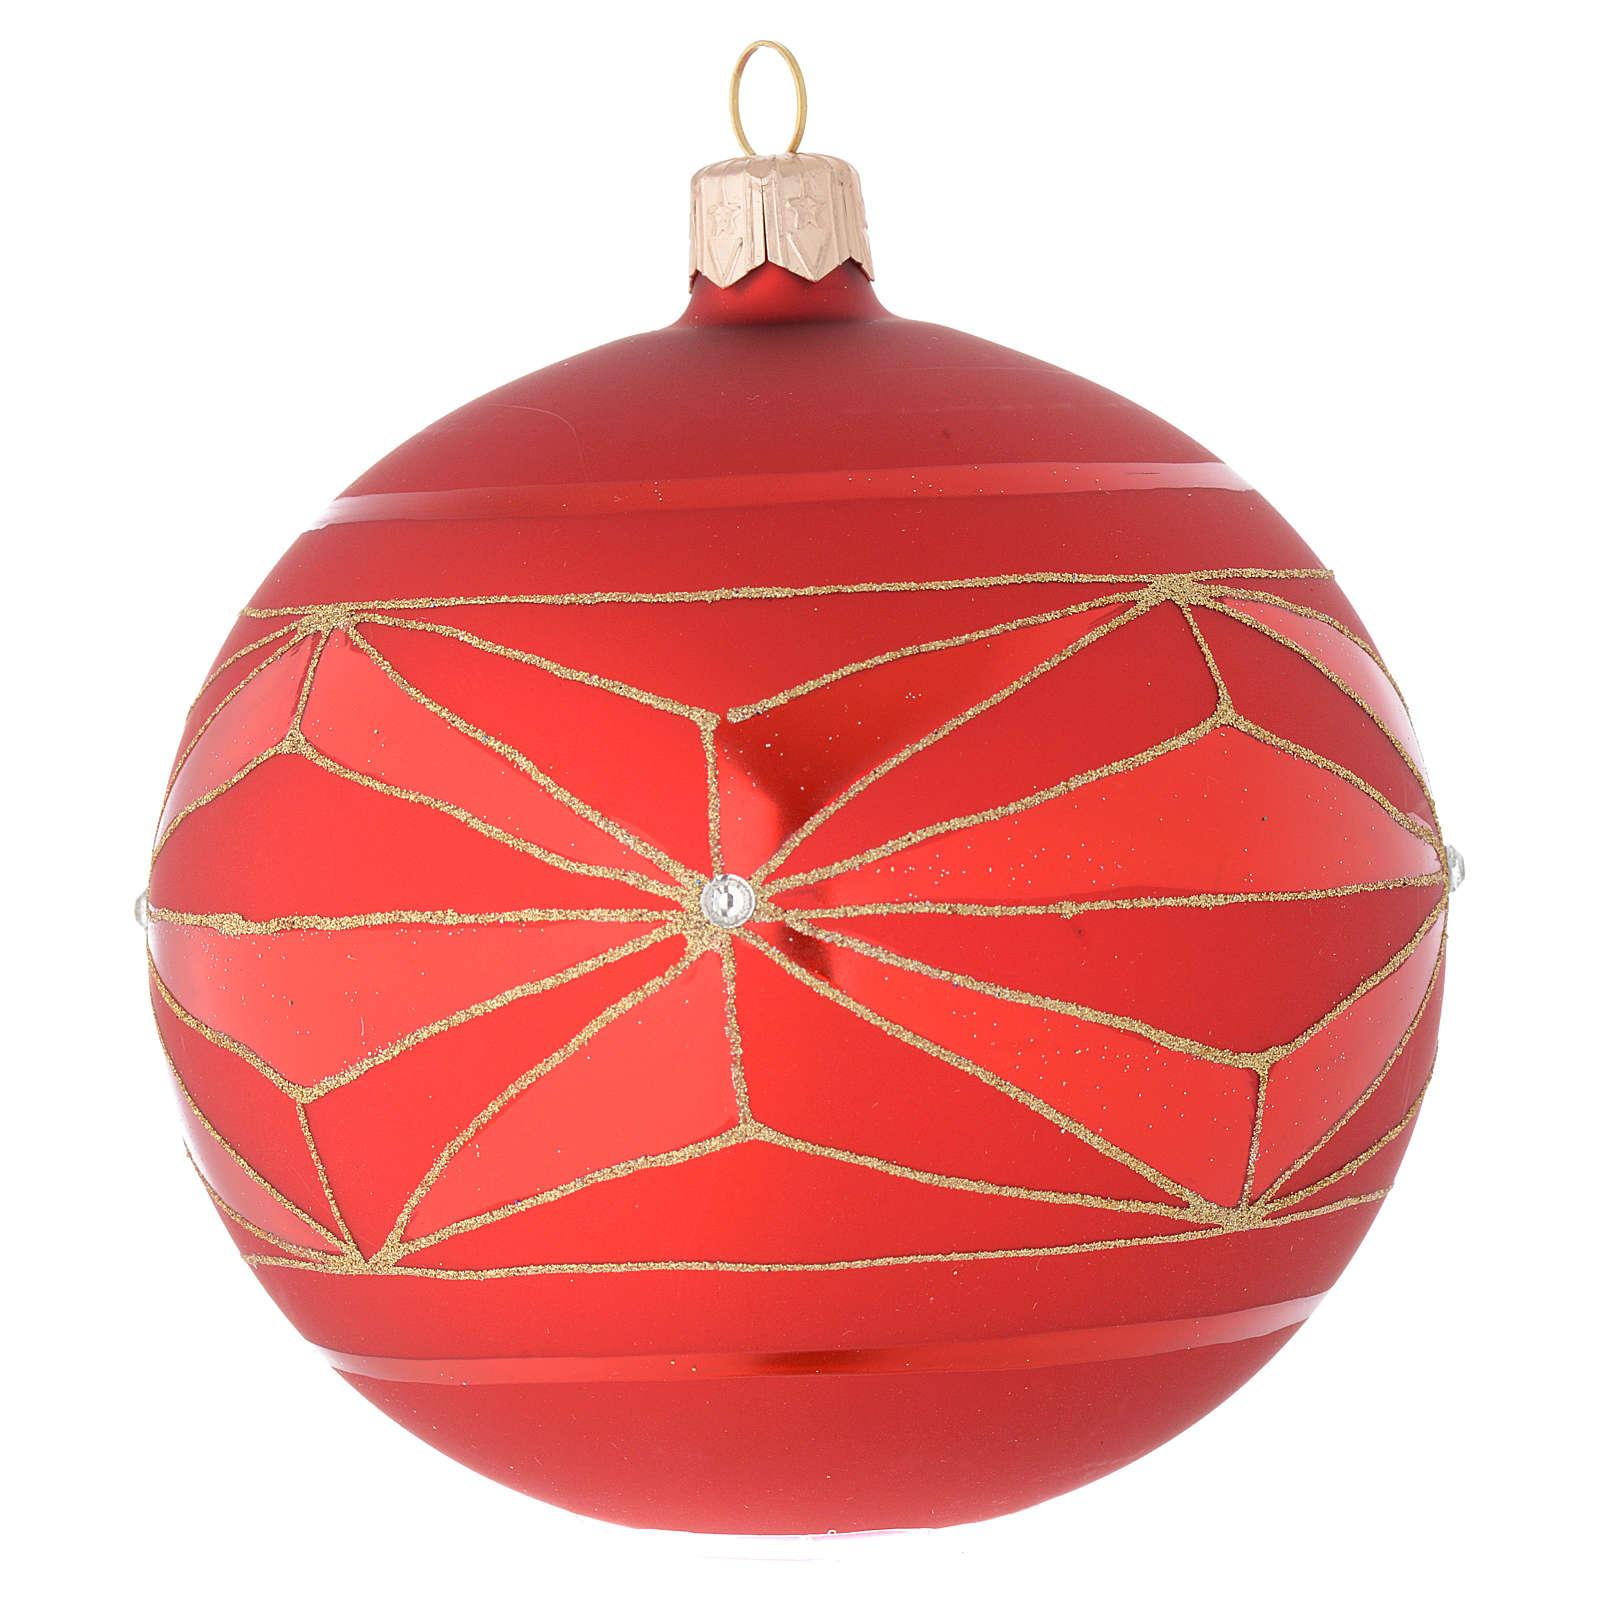 Bola de Navidad de vidrio soplado con decoraciones geométricas doradas 100 mm 4